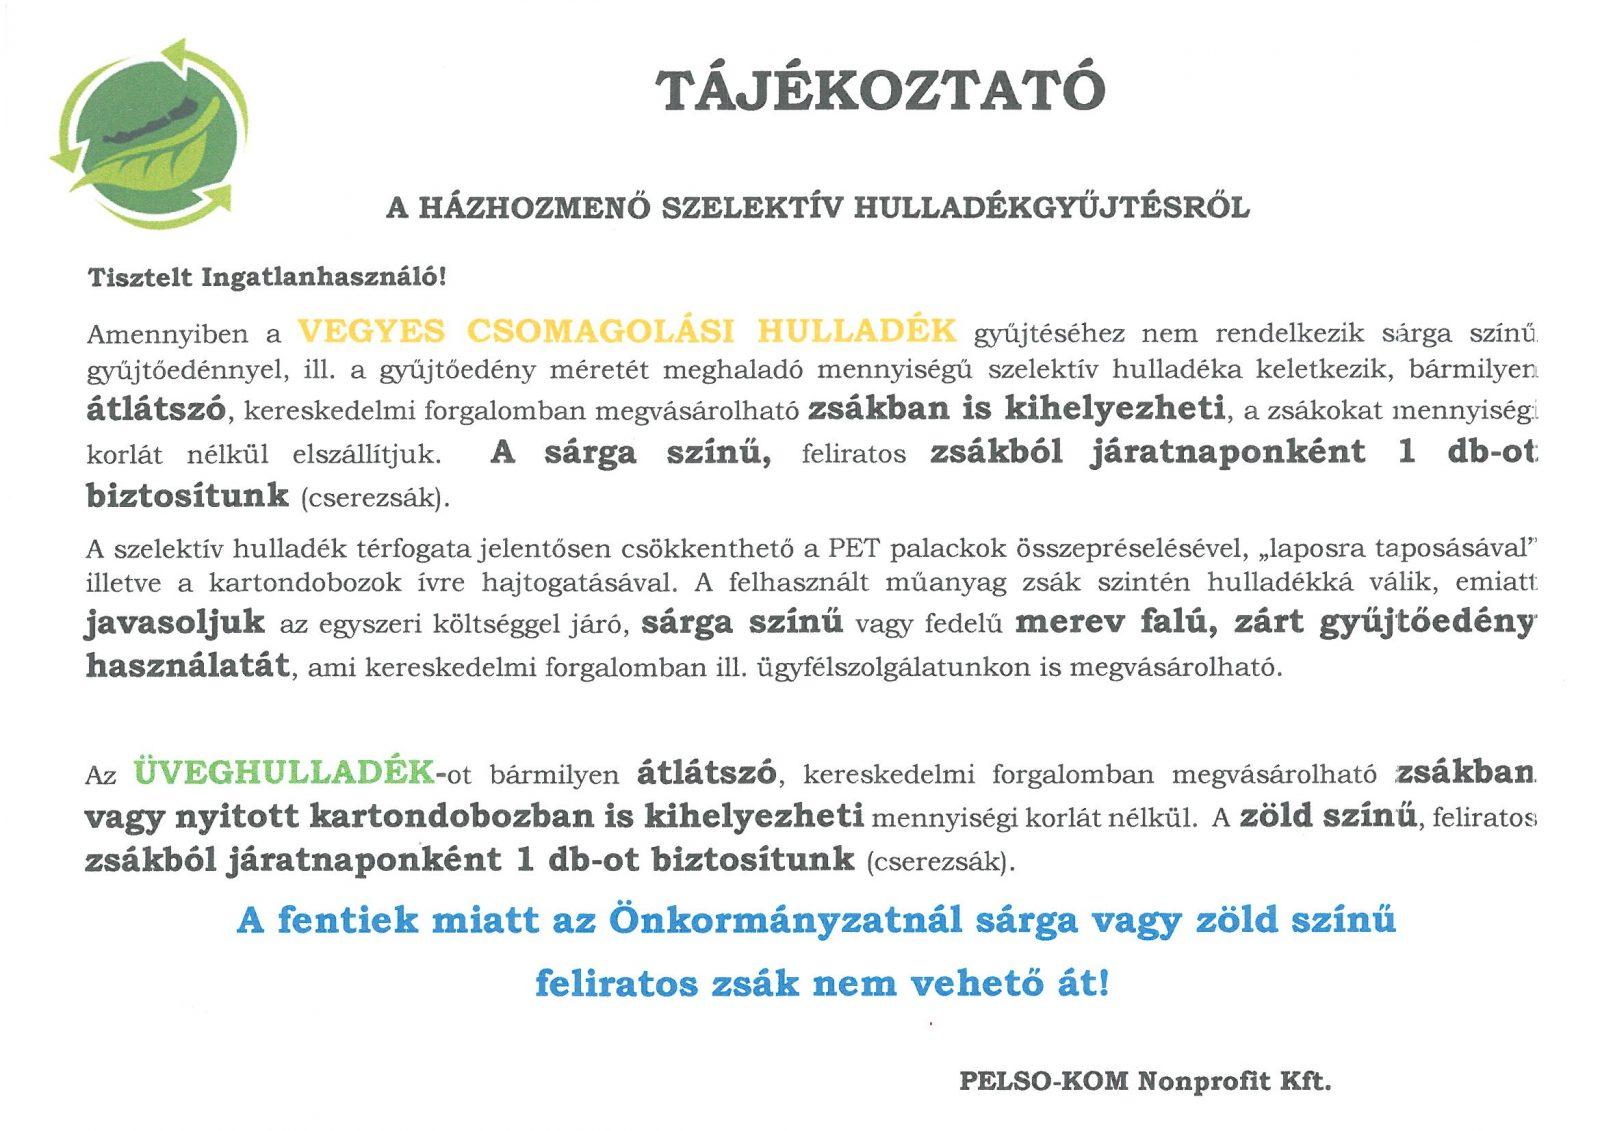 SKMBT C360200706154211 A PELSO-KOM tájékoztatója